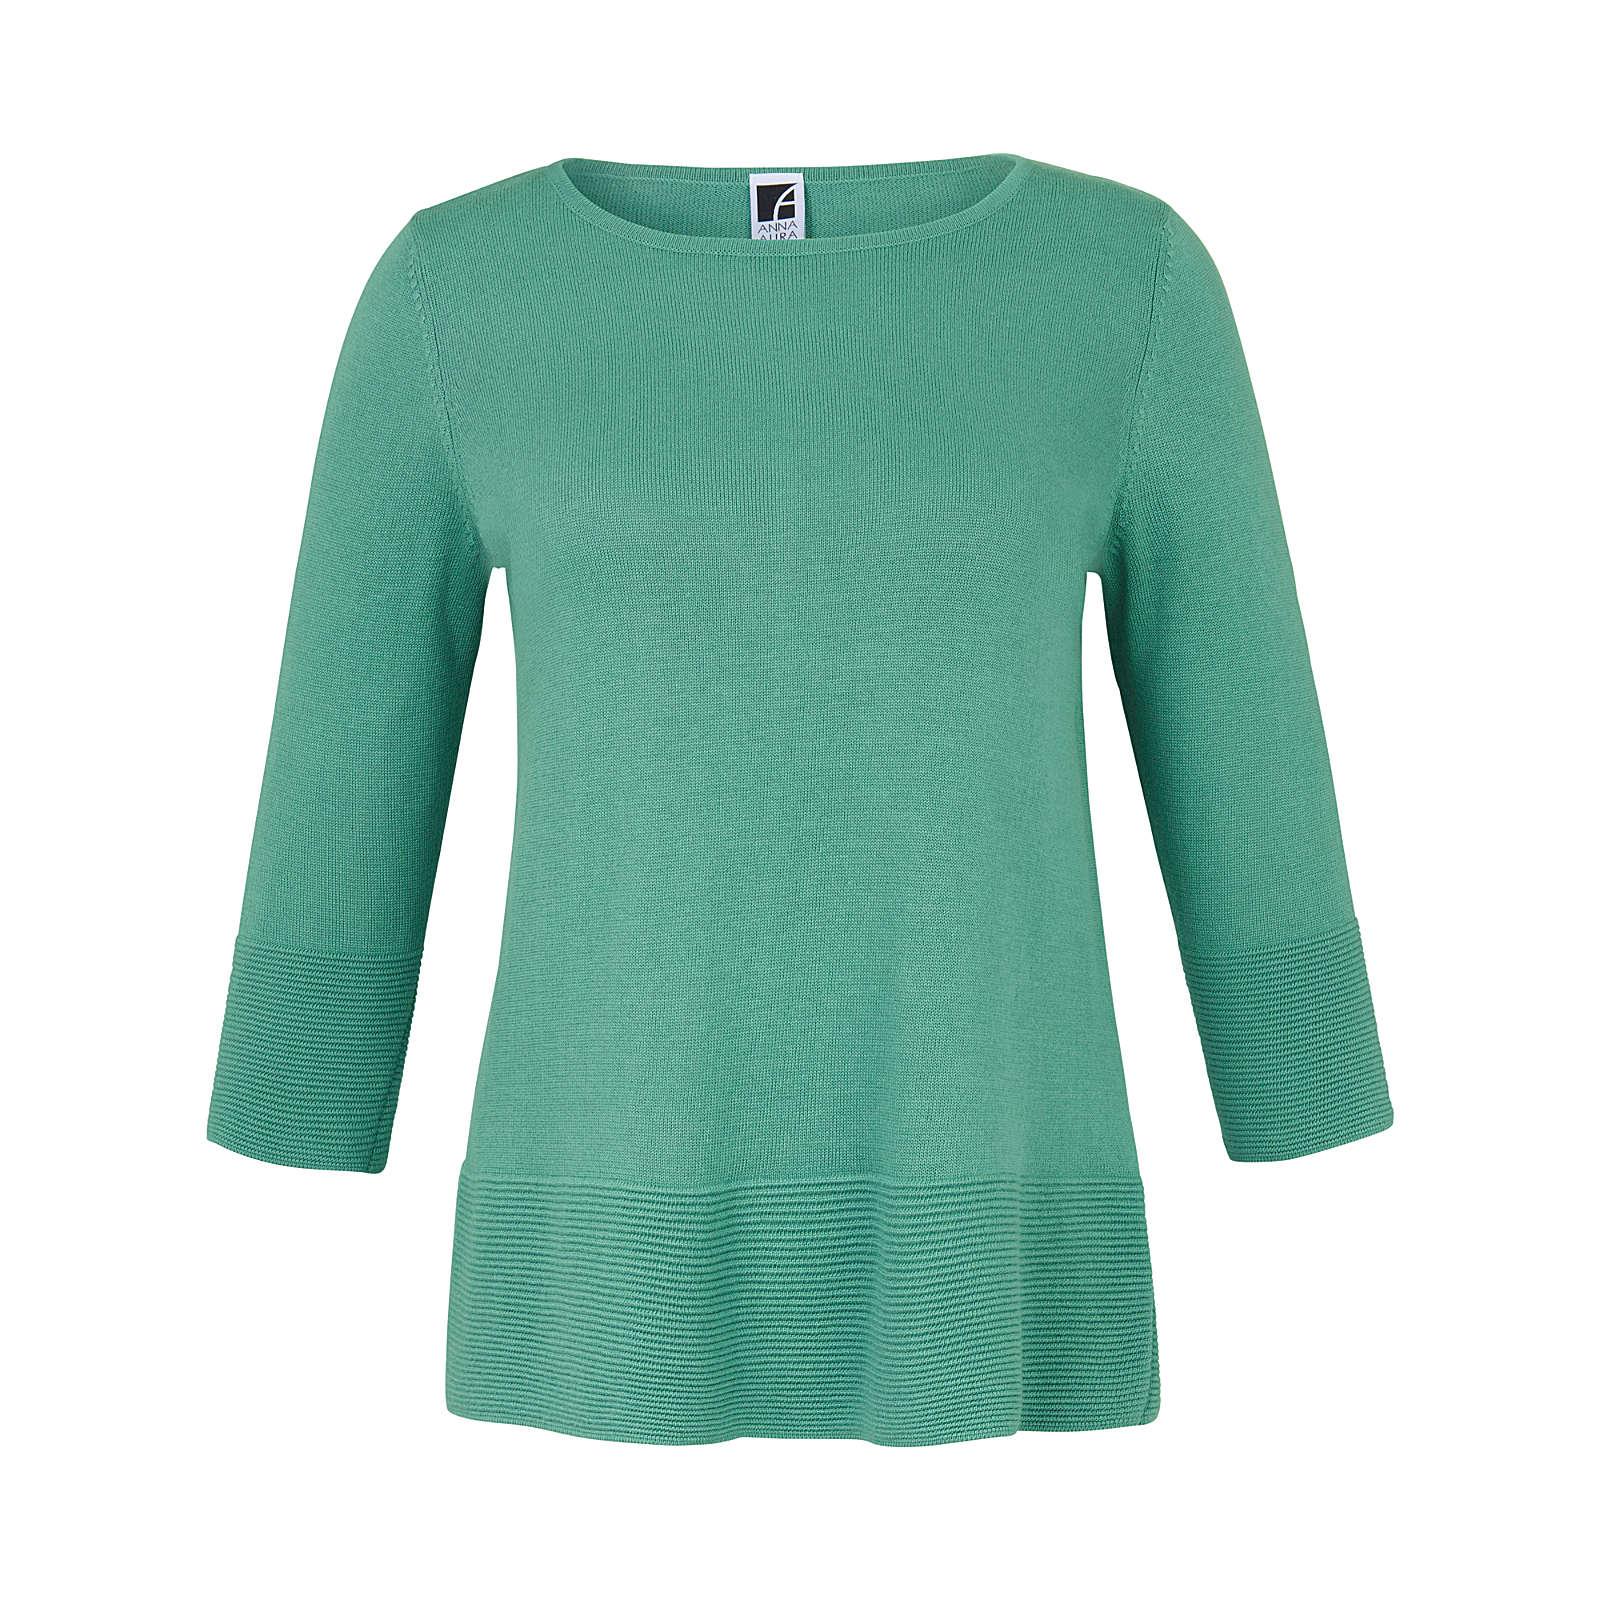 ANNA AURA Rundhals-Pullover mit 3/4-Arm Pullover grün Damen Gr. 52